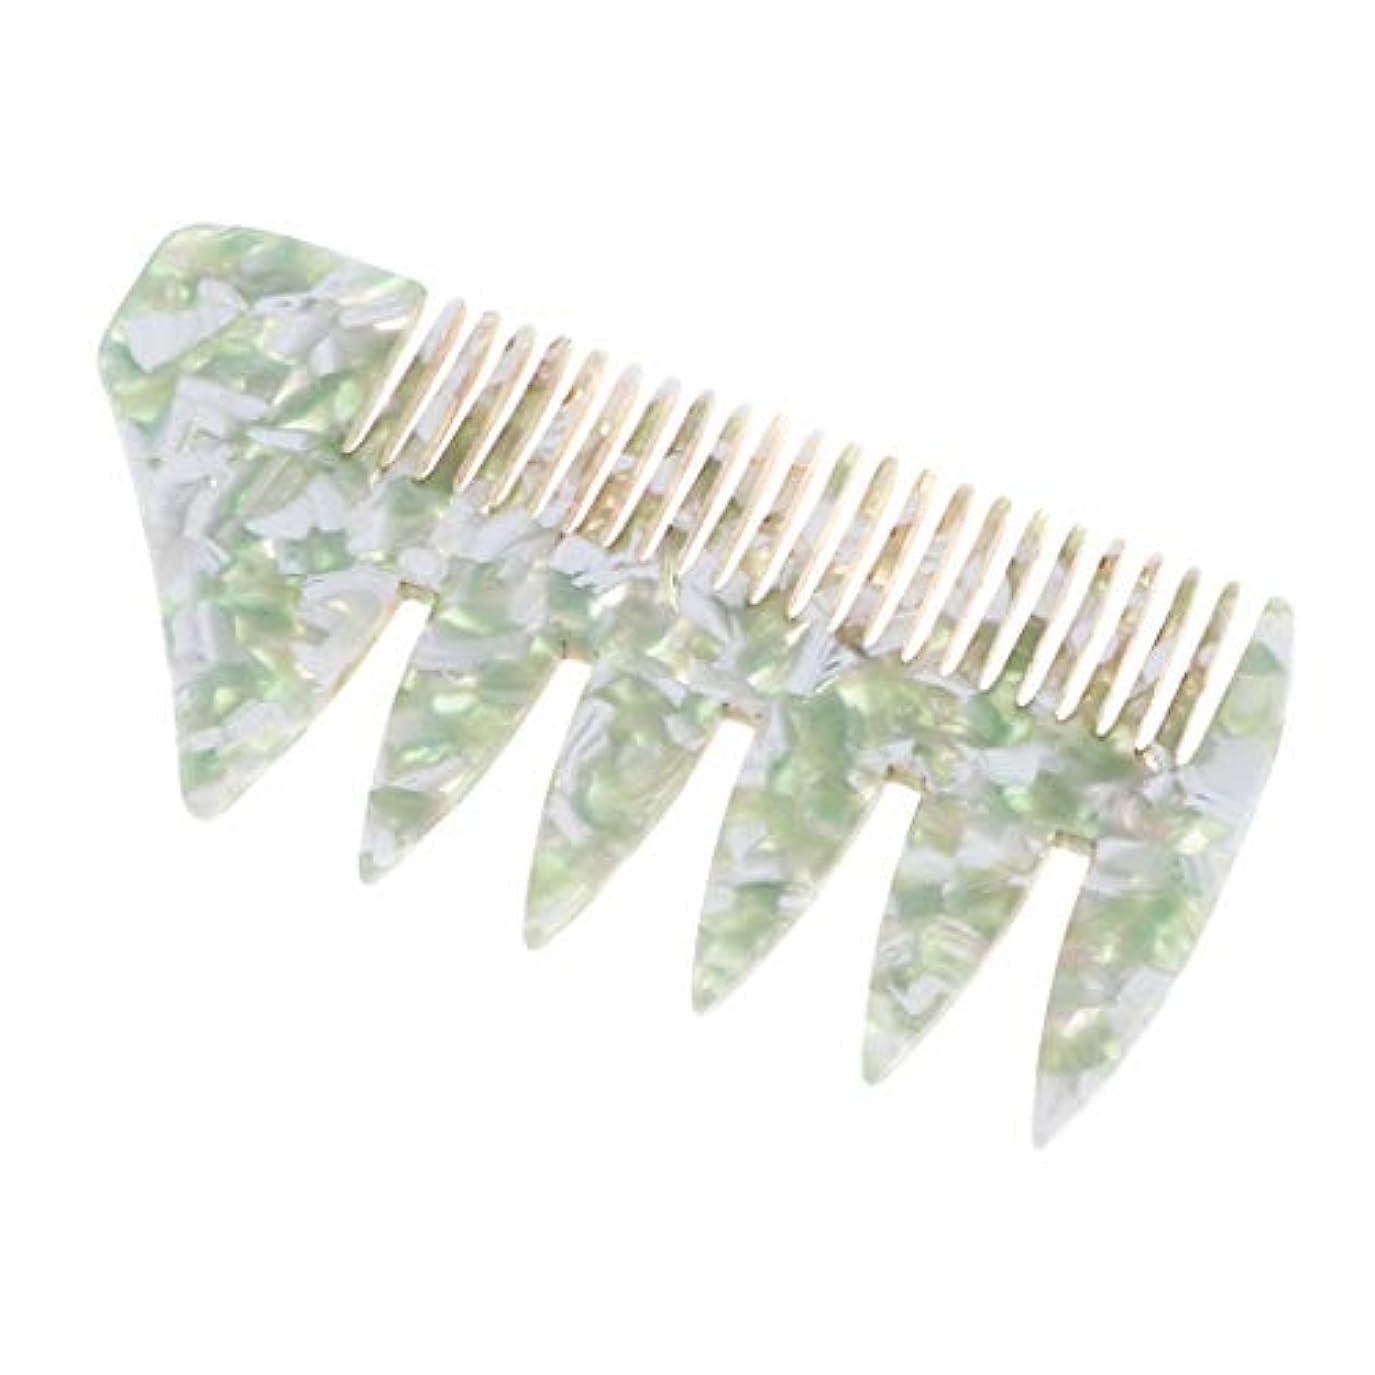 道に迷いました侵入するパースブラックボロウプラスチック 広い歯 ヘアスタイリング櫛 くし 全4色 - 緑